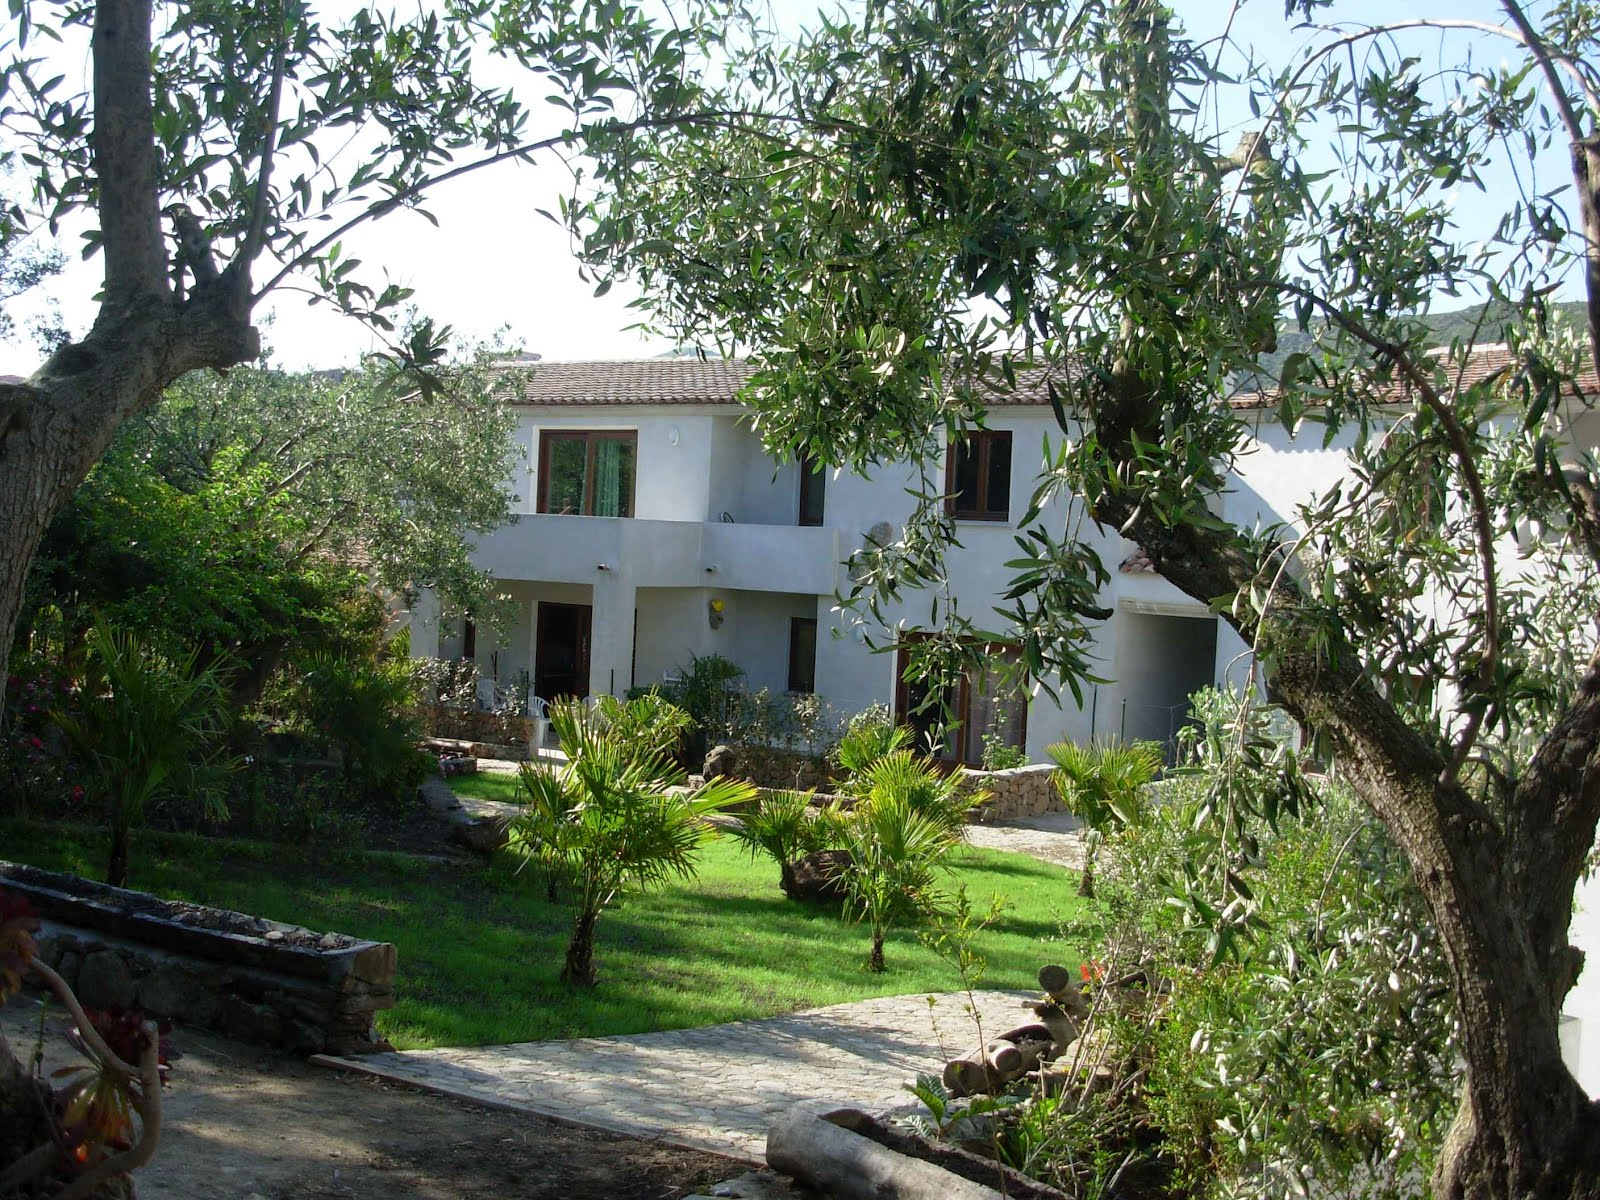 Vacanze sardegna casa vacanze in affitto budoni tanaunella for Affitto case a budoni